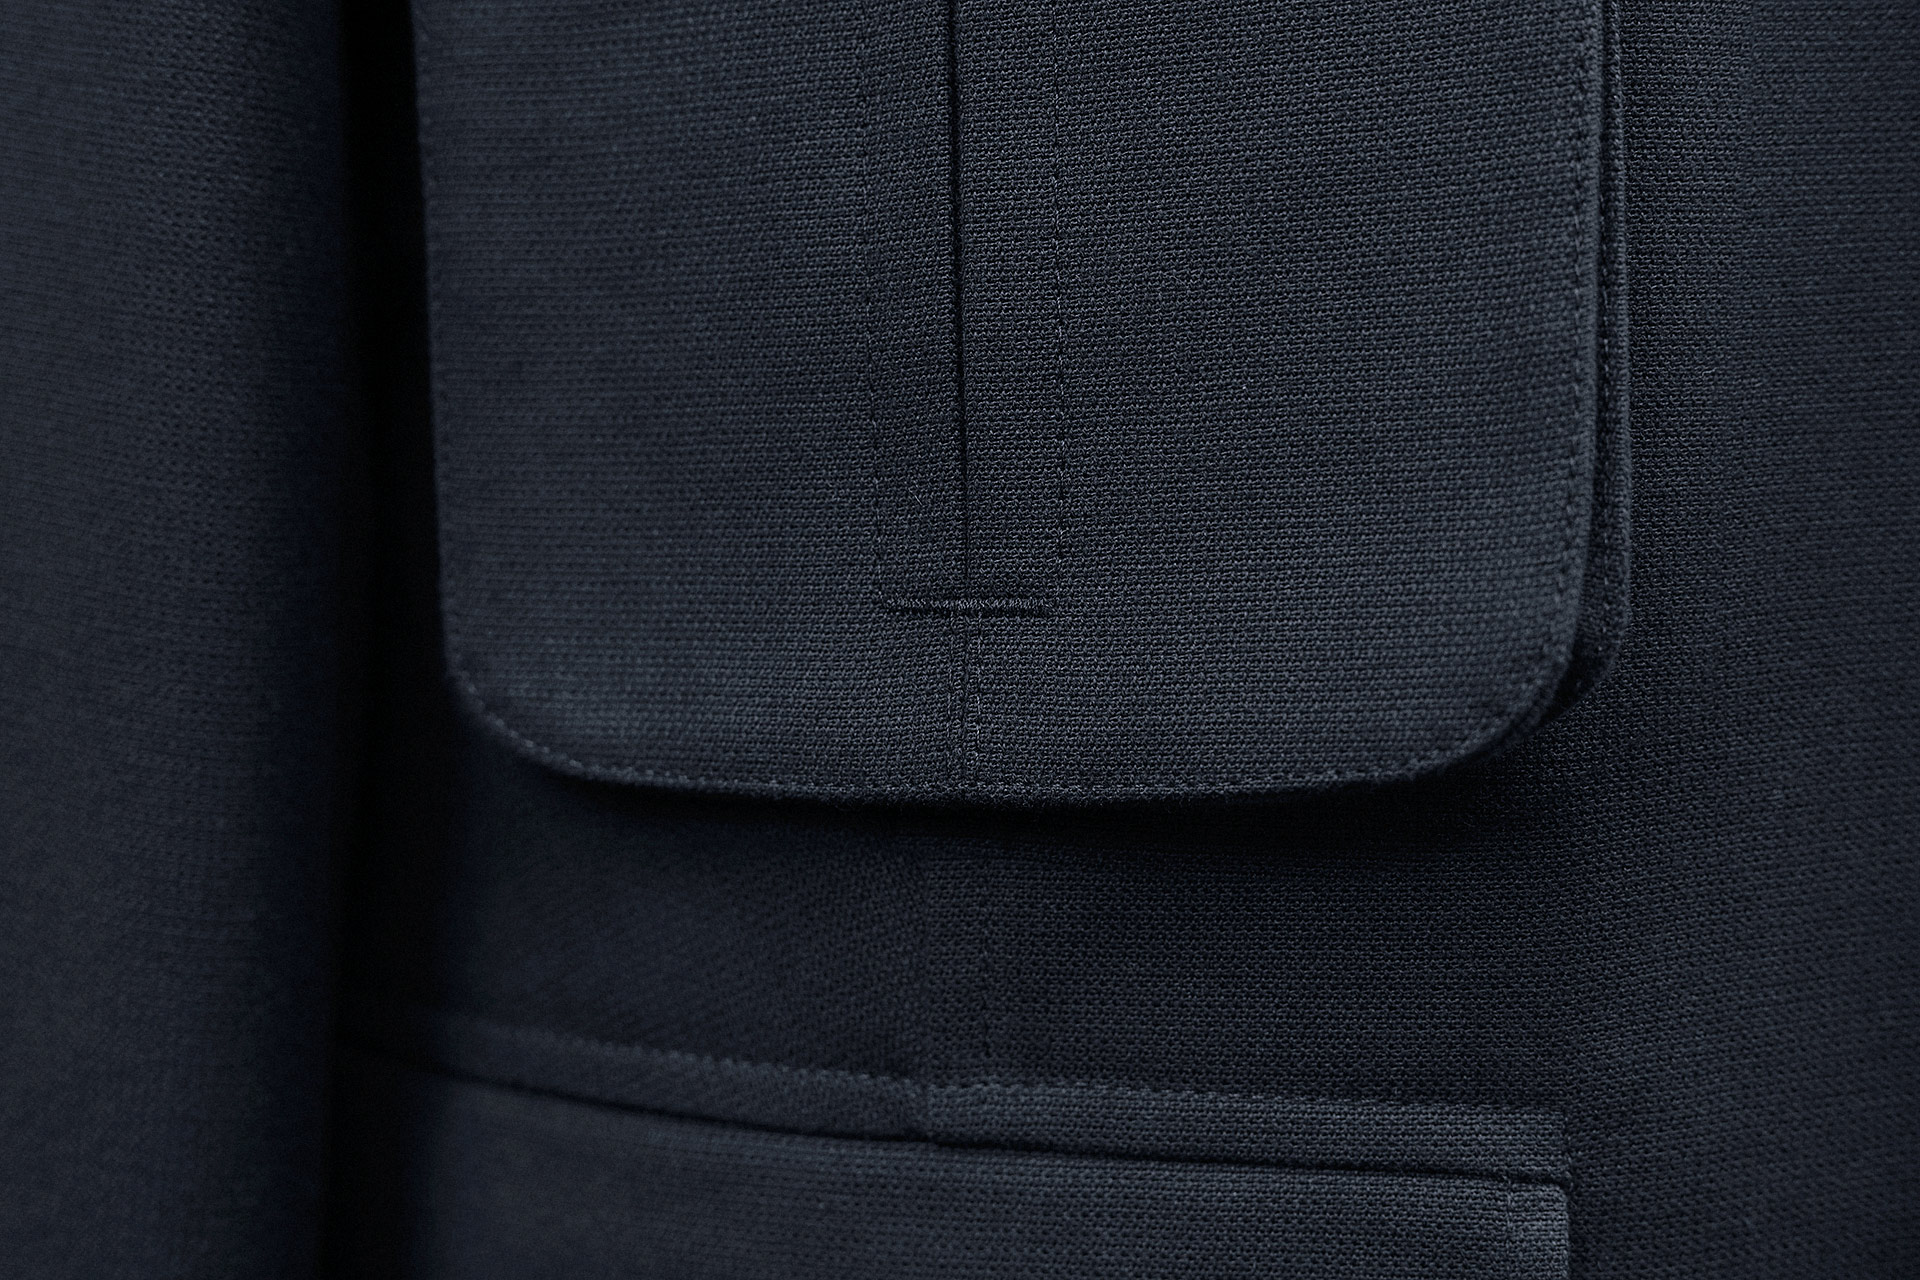 field-jacket-airweave-cotton-navy-7@2x.jpg